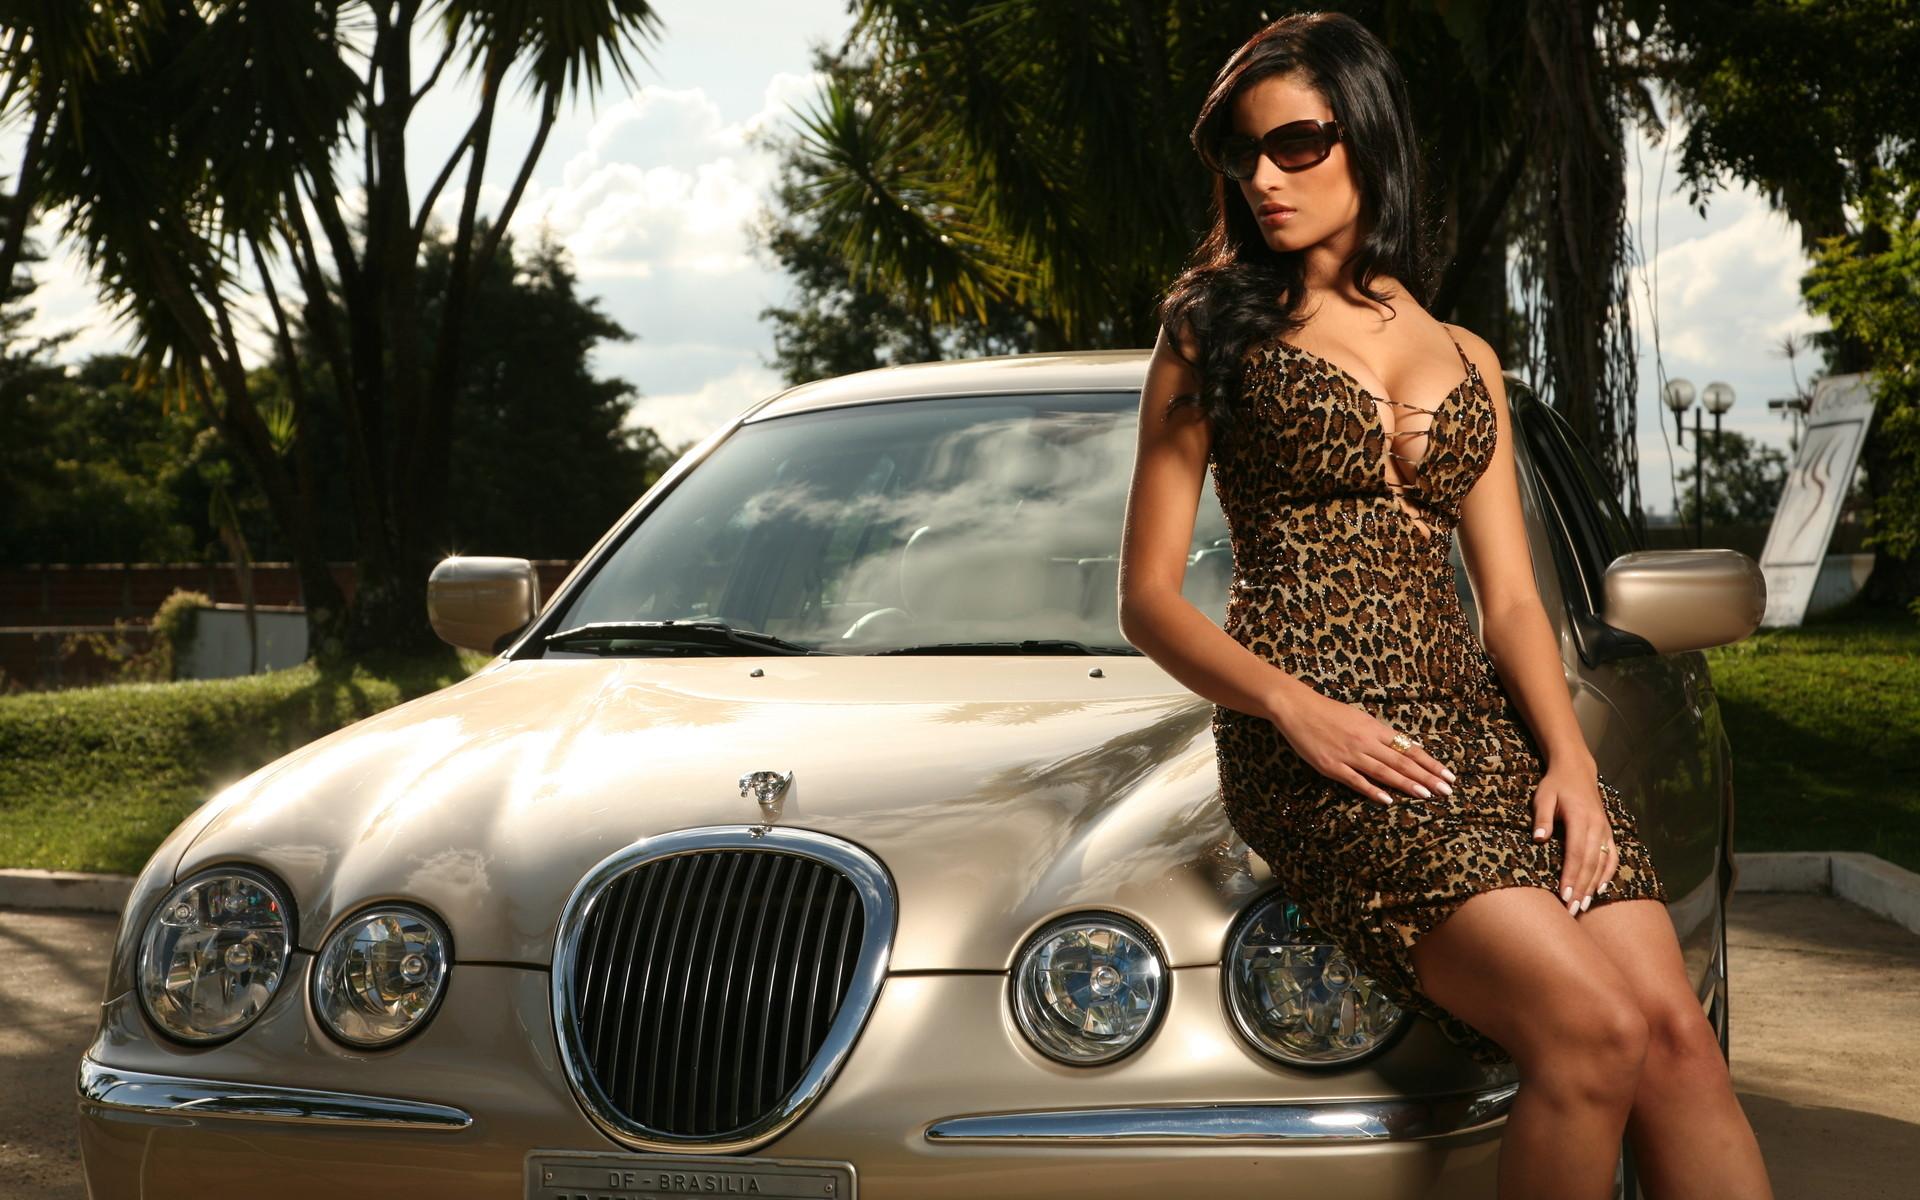 Jaguar Car And Girl HD Wallpaper